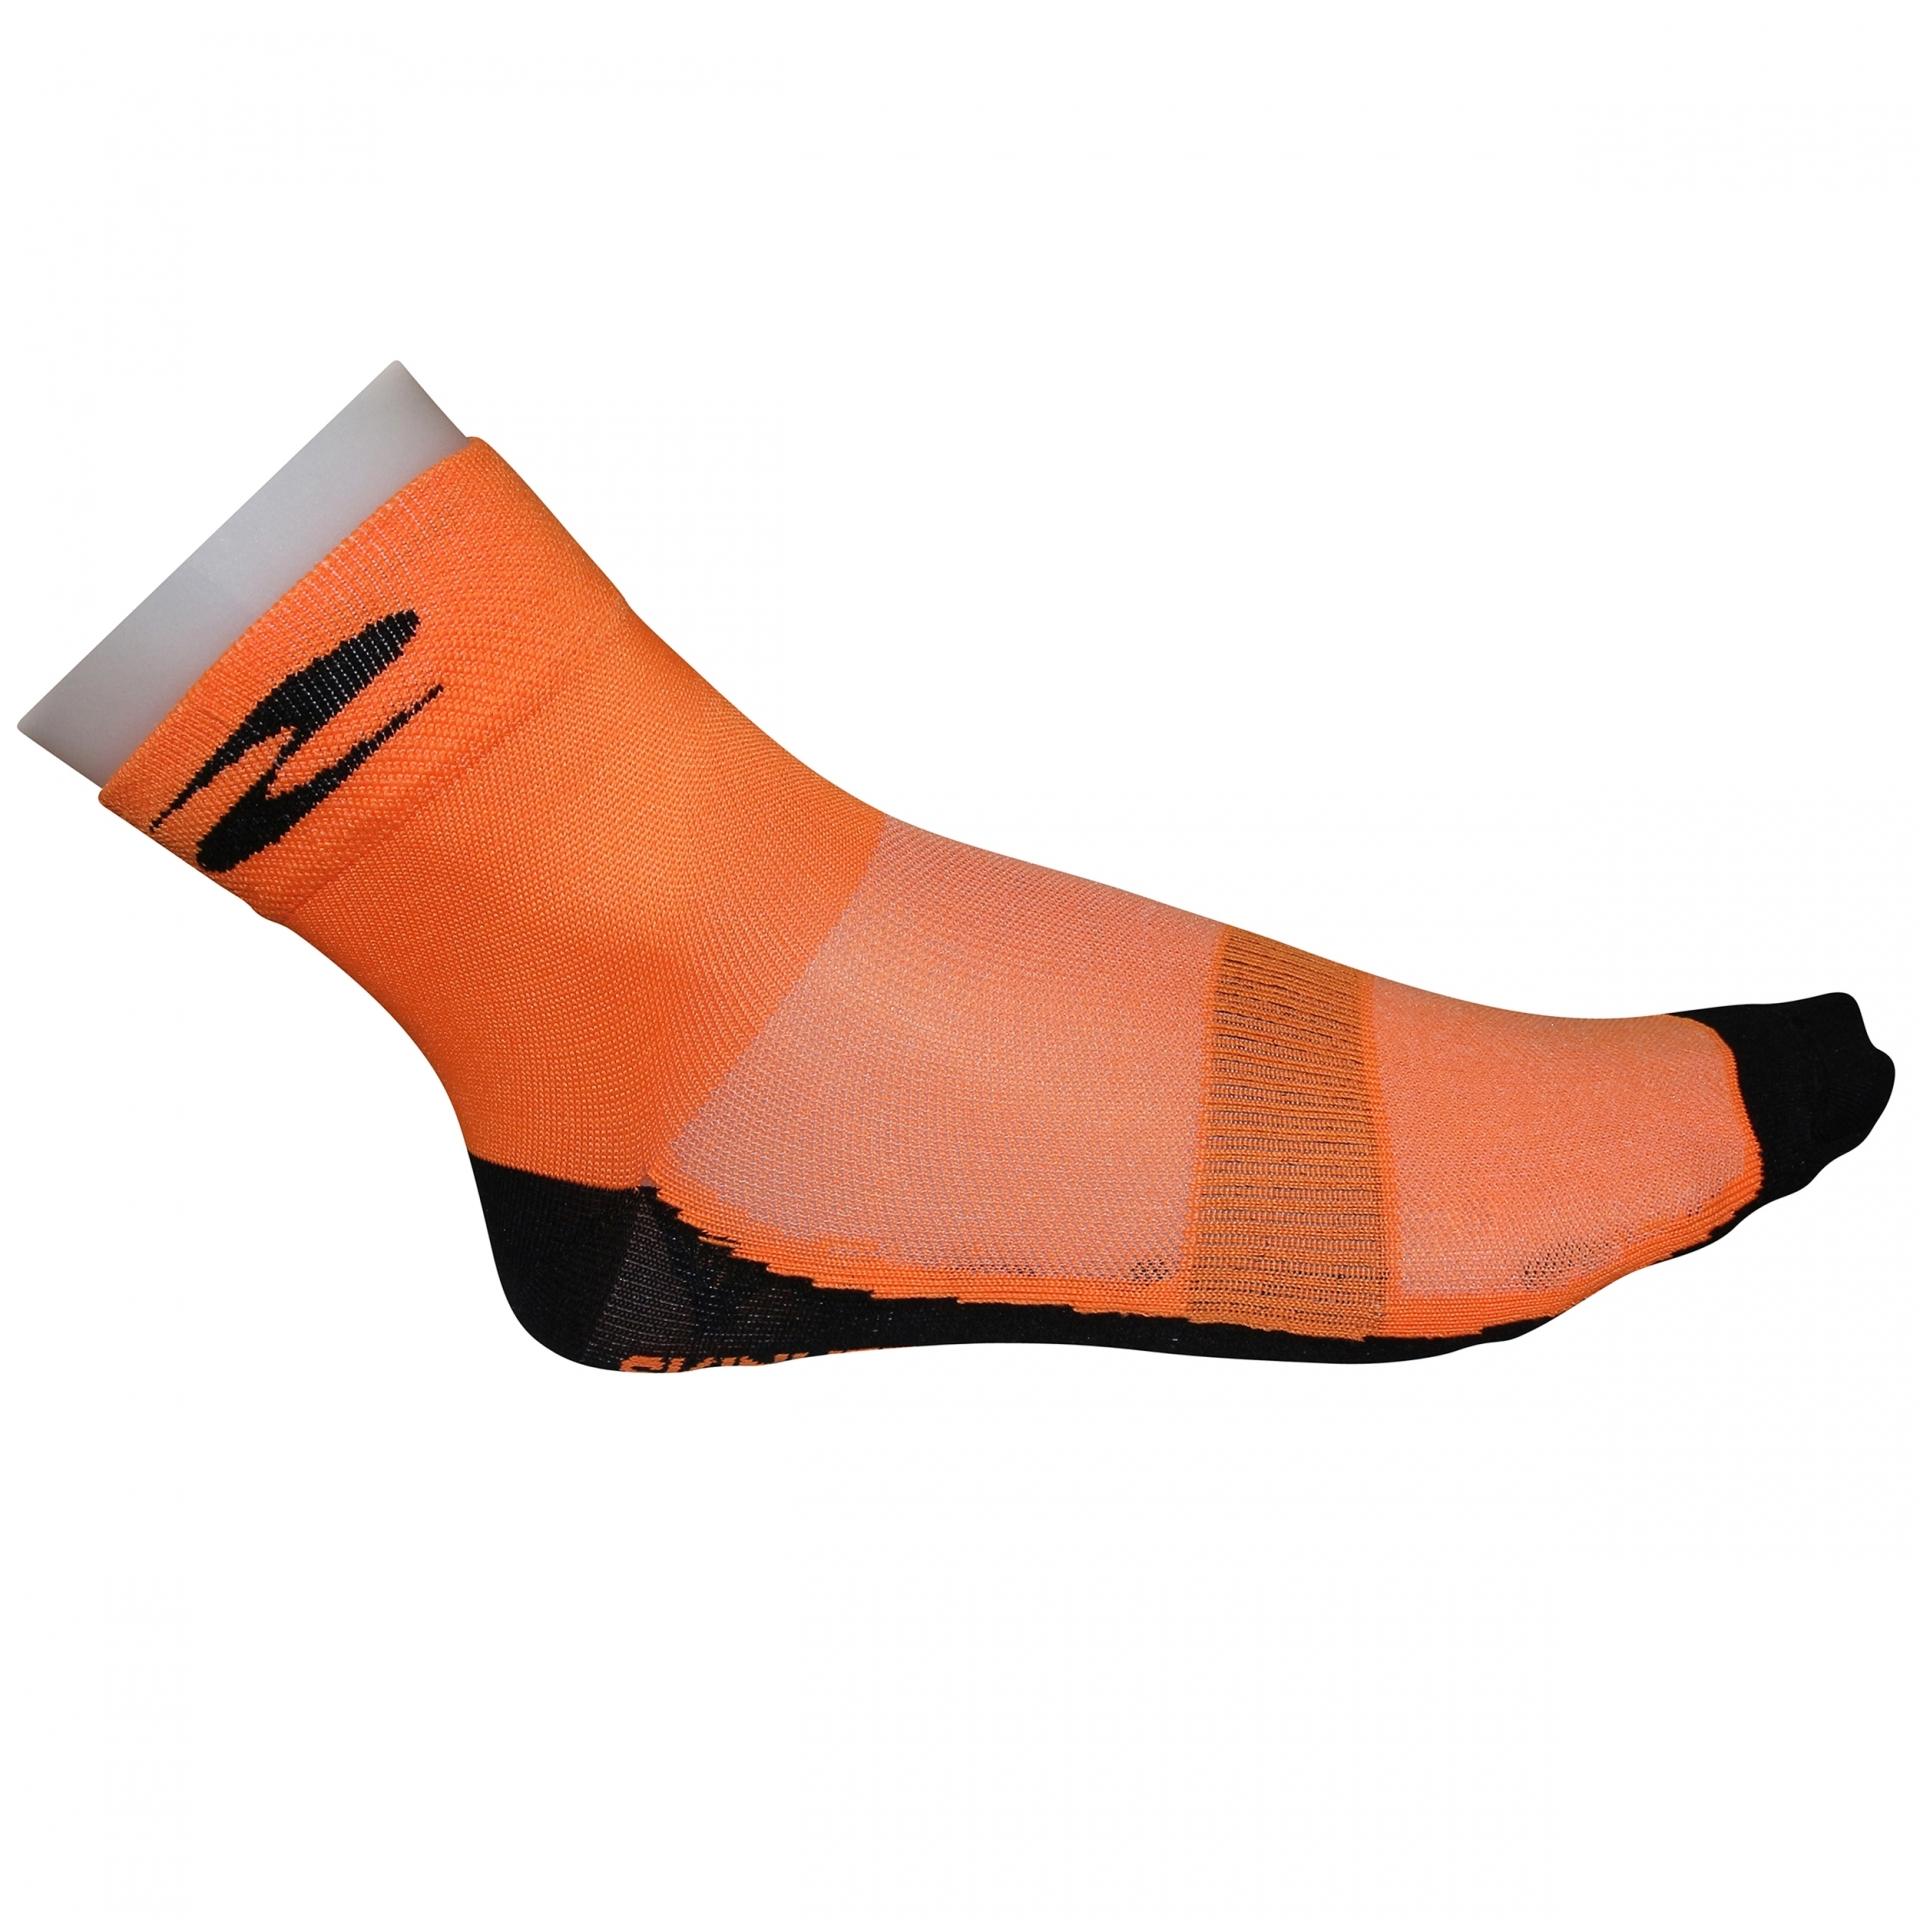 Socquettes été GIST Coton 10 cm Orange - 36-39